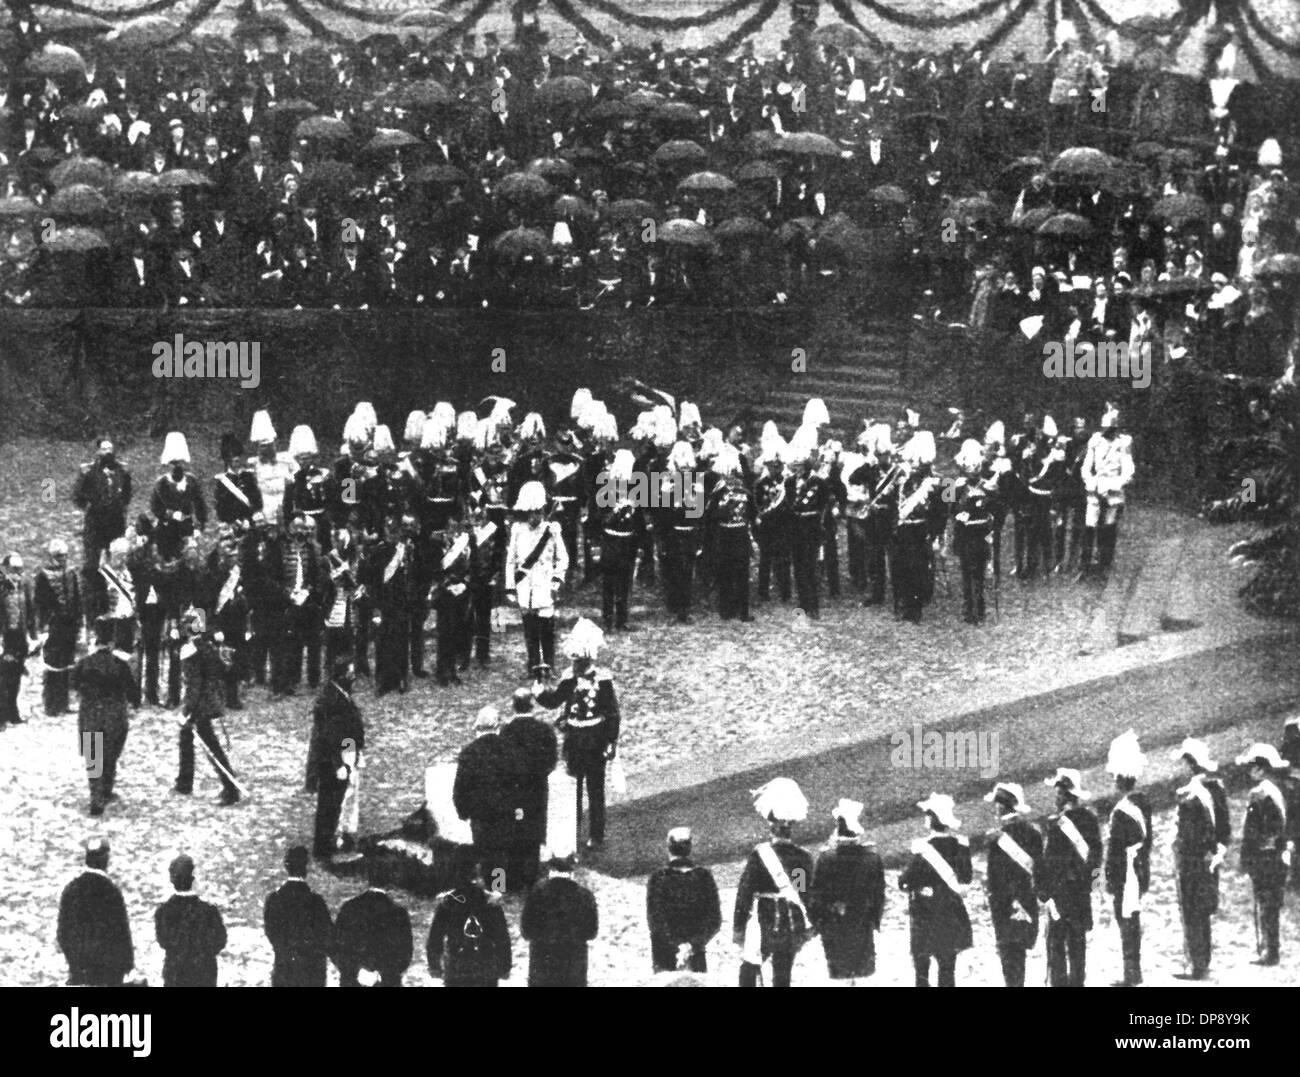 Kaiser Wilhelm I. (m) beteiligt sich bei der Verlegung der Grundstein für den neuen Reichstag in Berlin im Jahre 1884. Reichskanzler Otto von Bismarck führt der Hammerschlag hinter Kaiser Wilhelm I. Stockbild